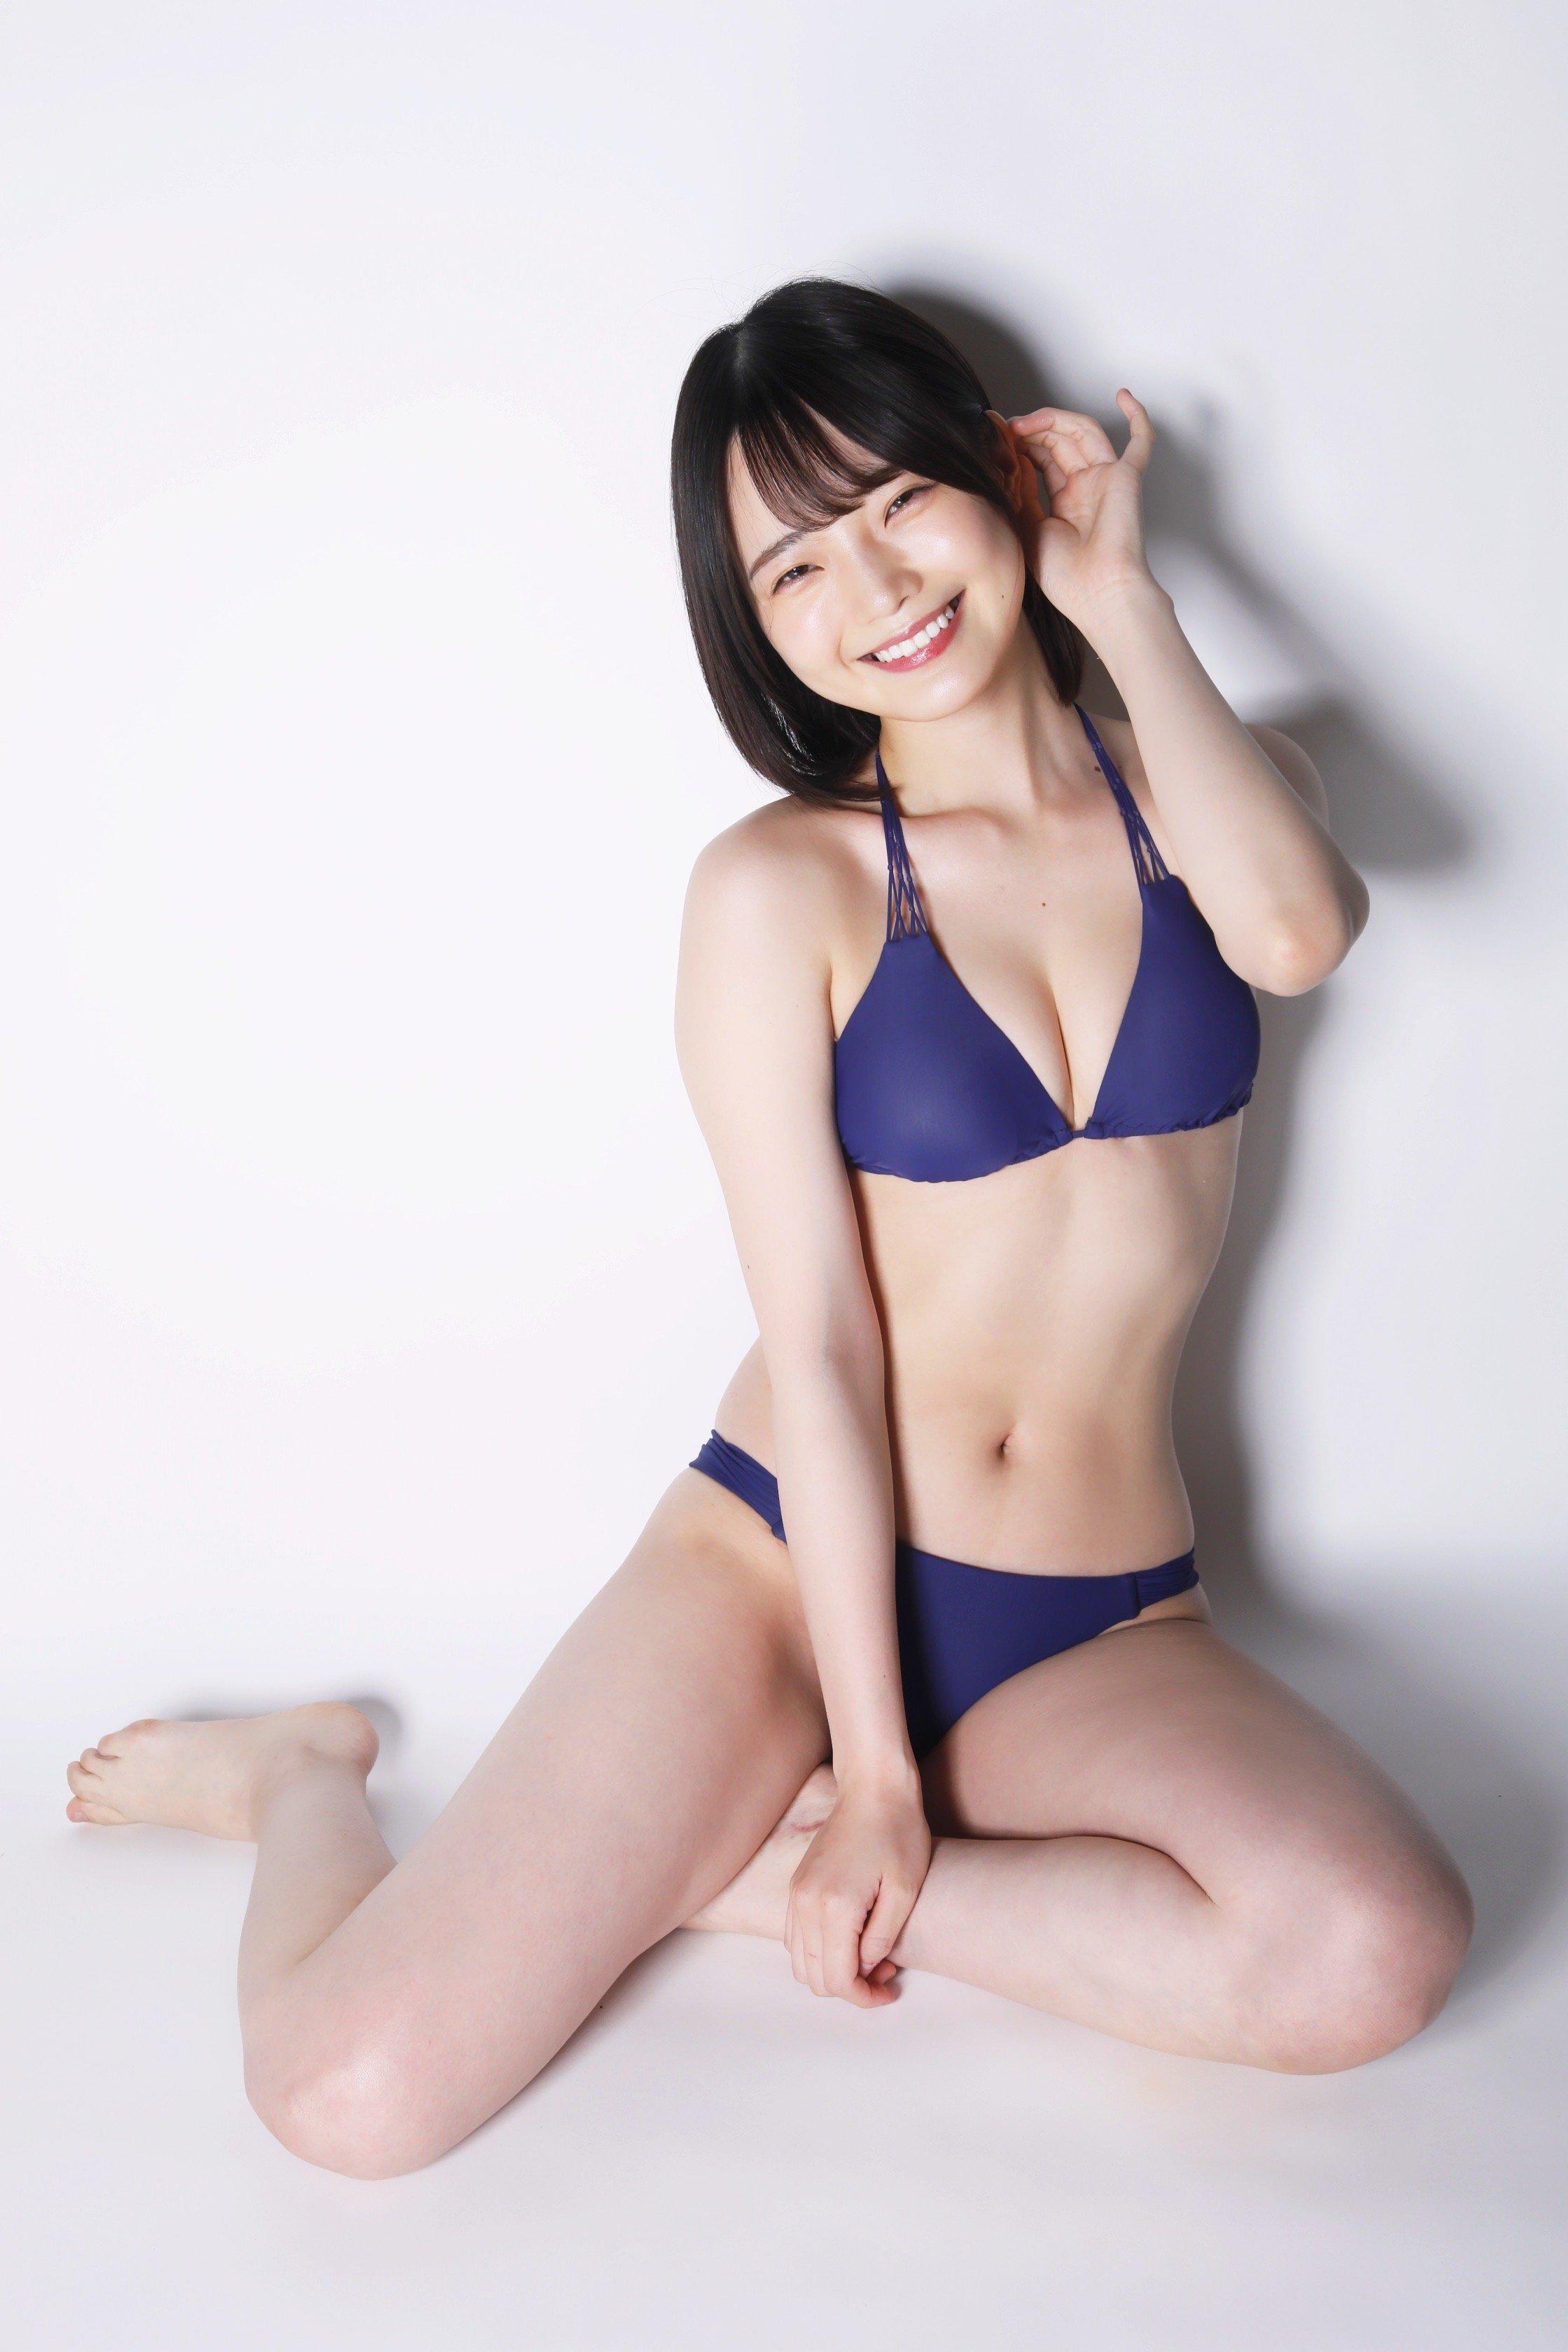 新谷姫加「こんなにセクシーな水着は初めて」【画像3枚】の画像003